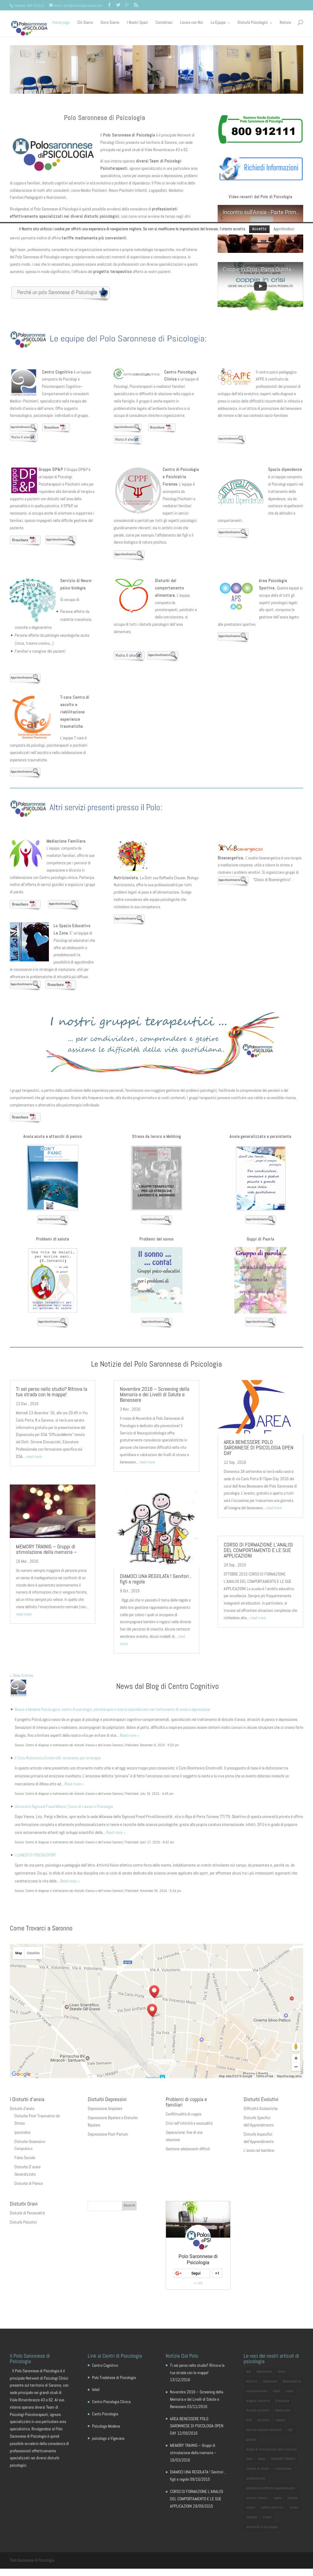 Polo Saronnese Di Psicologia Competitors, Revenue and